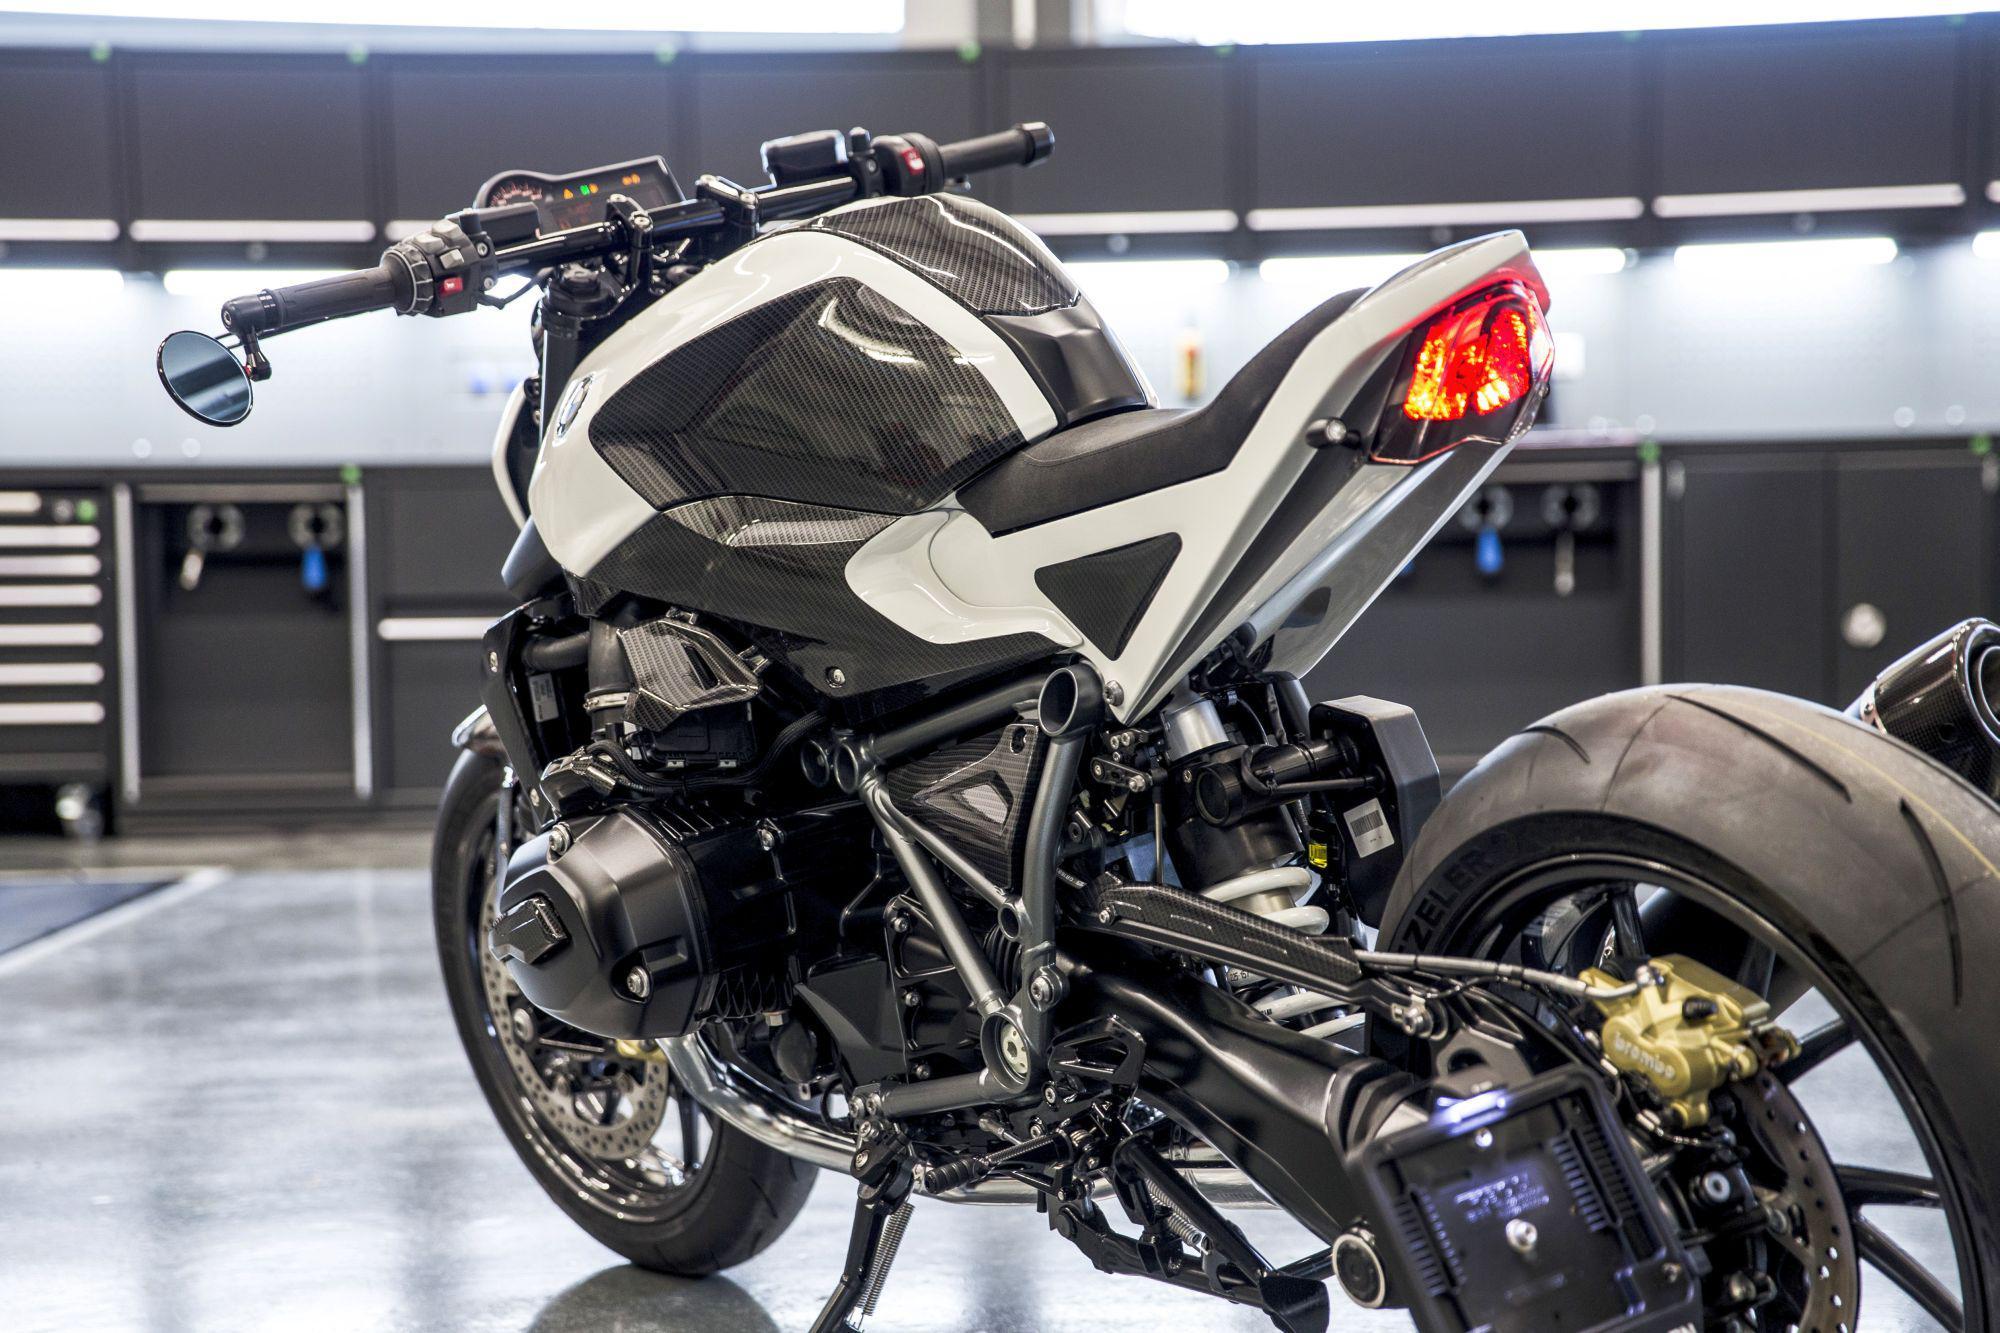 bmw r 1200 r streetfighter moto graub nden motorrad fotos motorrad bilder. Black Bedroom Furniture Sets. Home Design Ideas